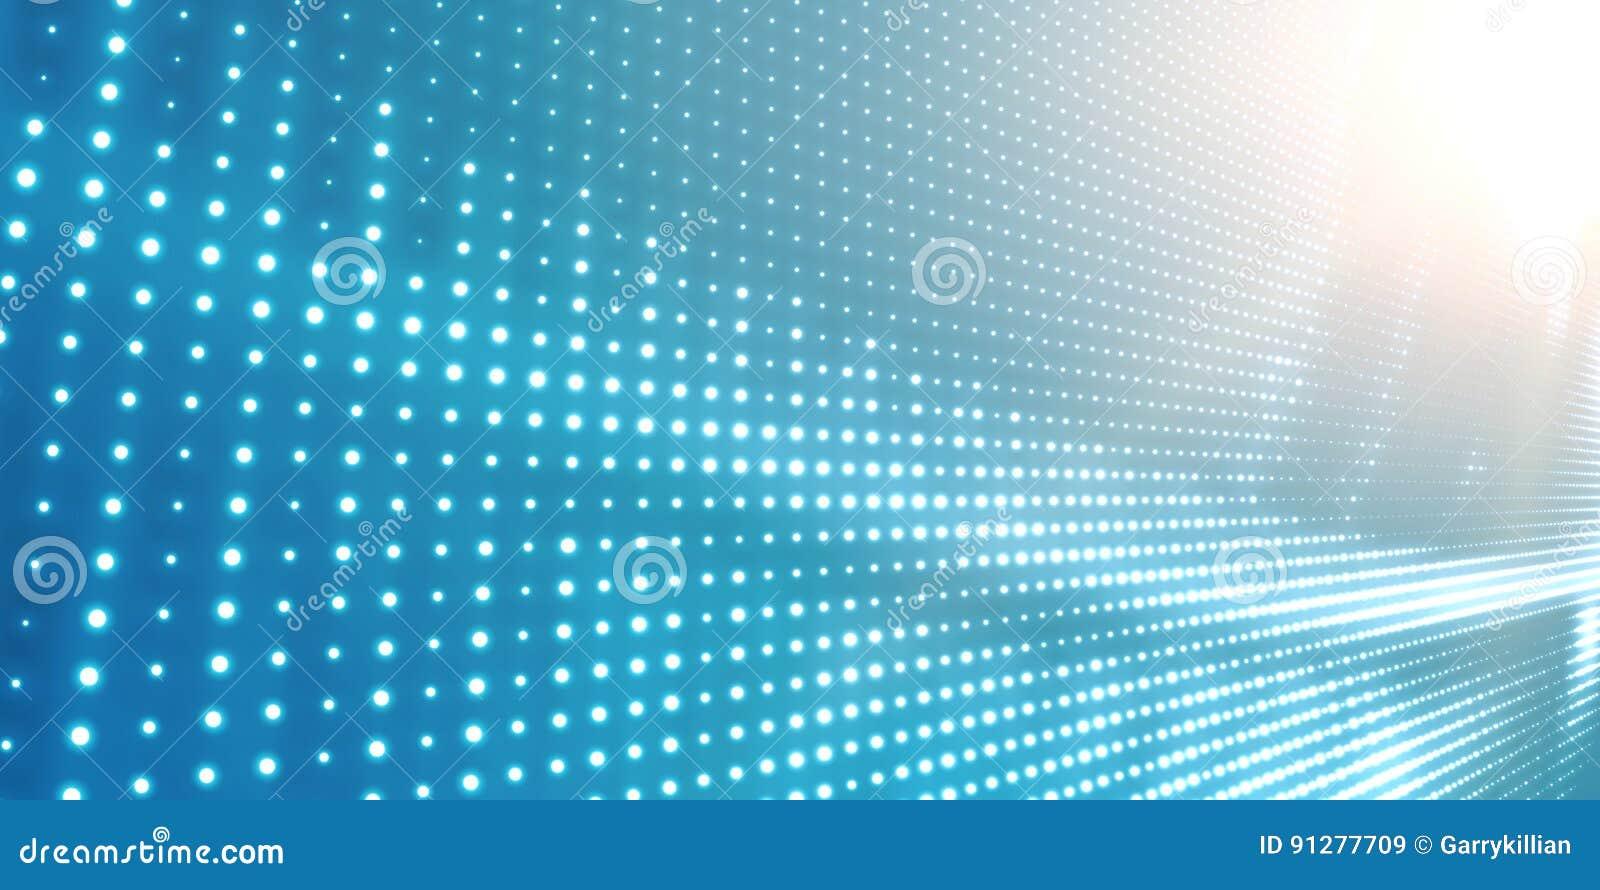 Abstracte vector lichtblauwe achtergrond met glanzende neonlichten Neonteken met abstract beeld in perspectief